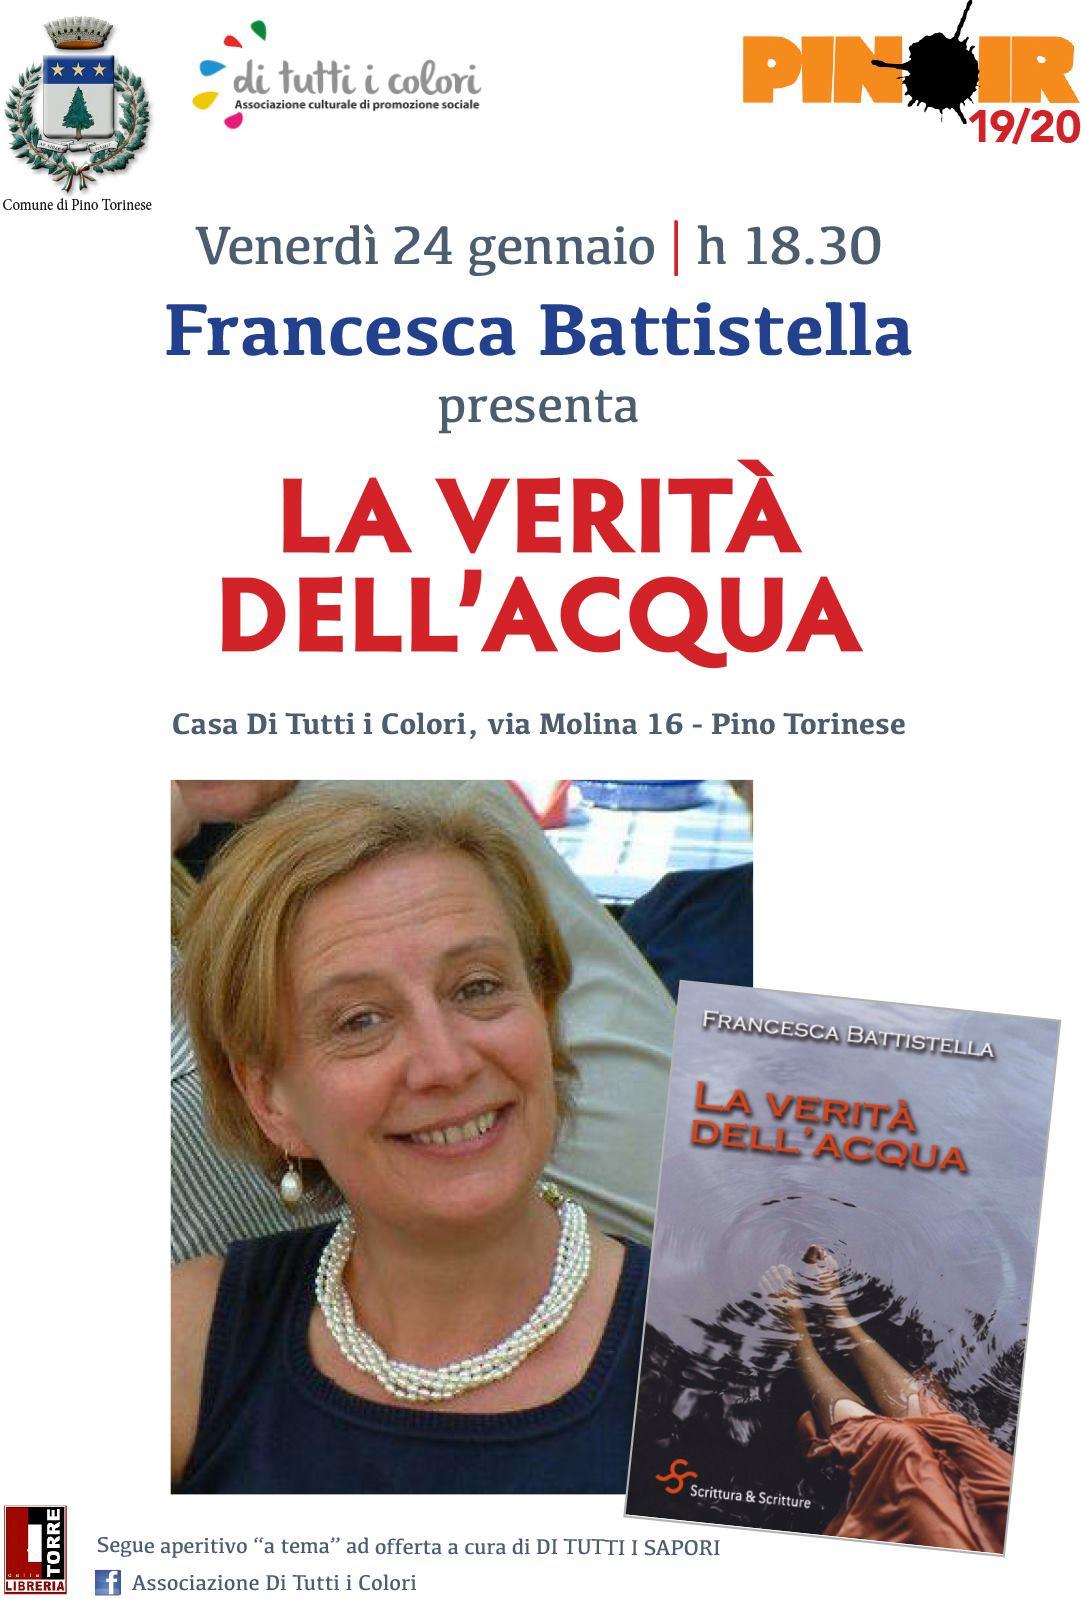 """Francesca Battistella presenta """"La verità dell'acqua"""" - di tutti i colori"""